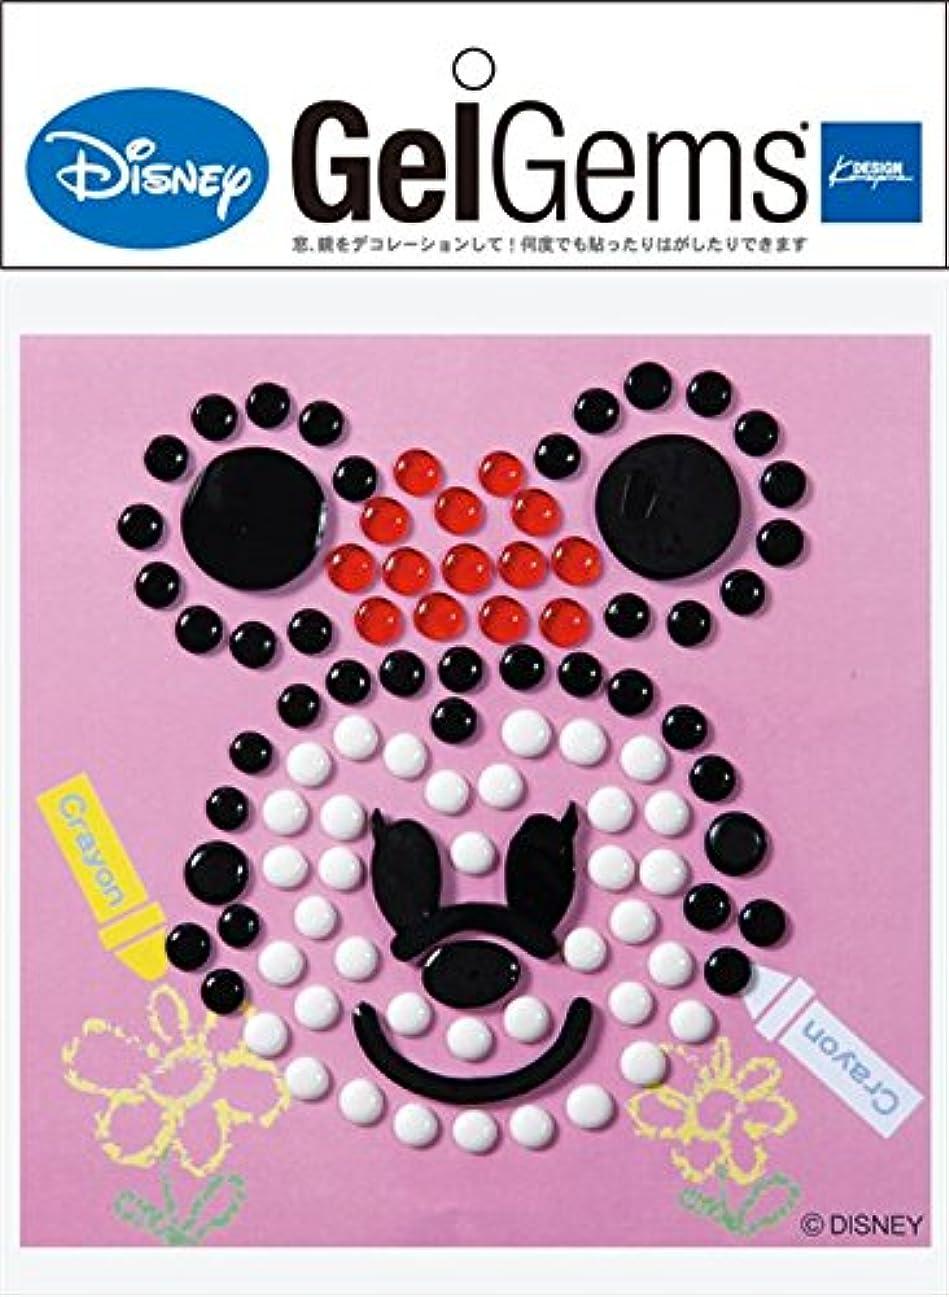 行く期待無礼にディズニー(Disney) ジェルジェムディズニーバッグS 「 ミニードット 」 E1050052